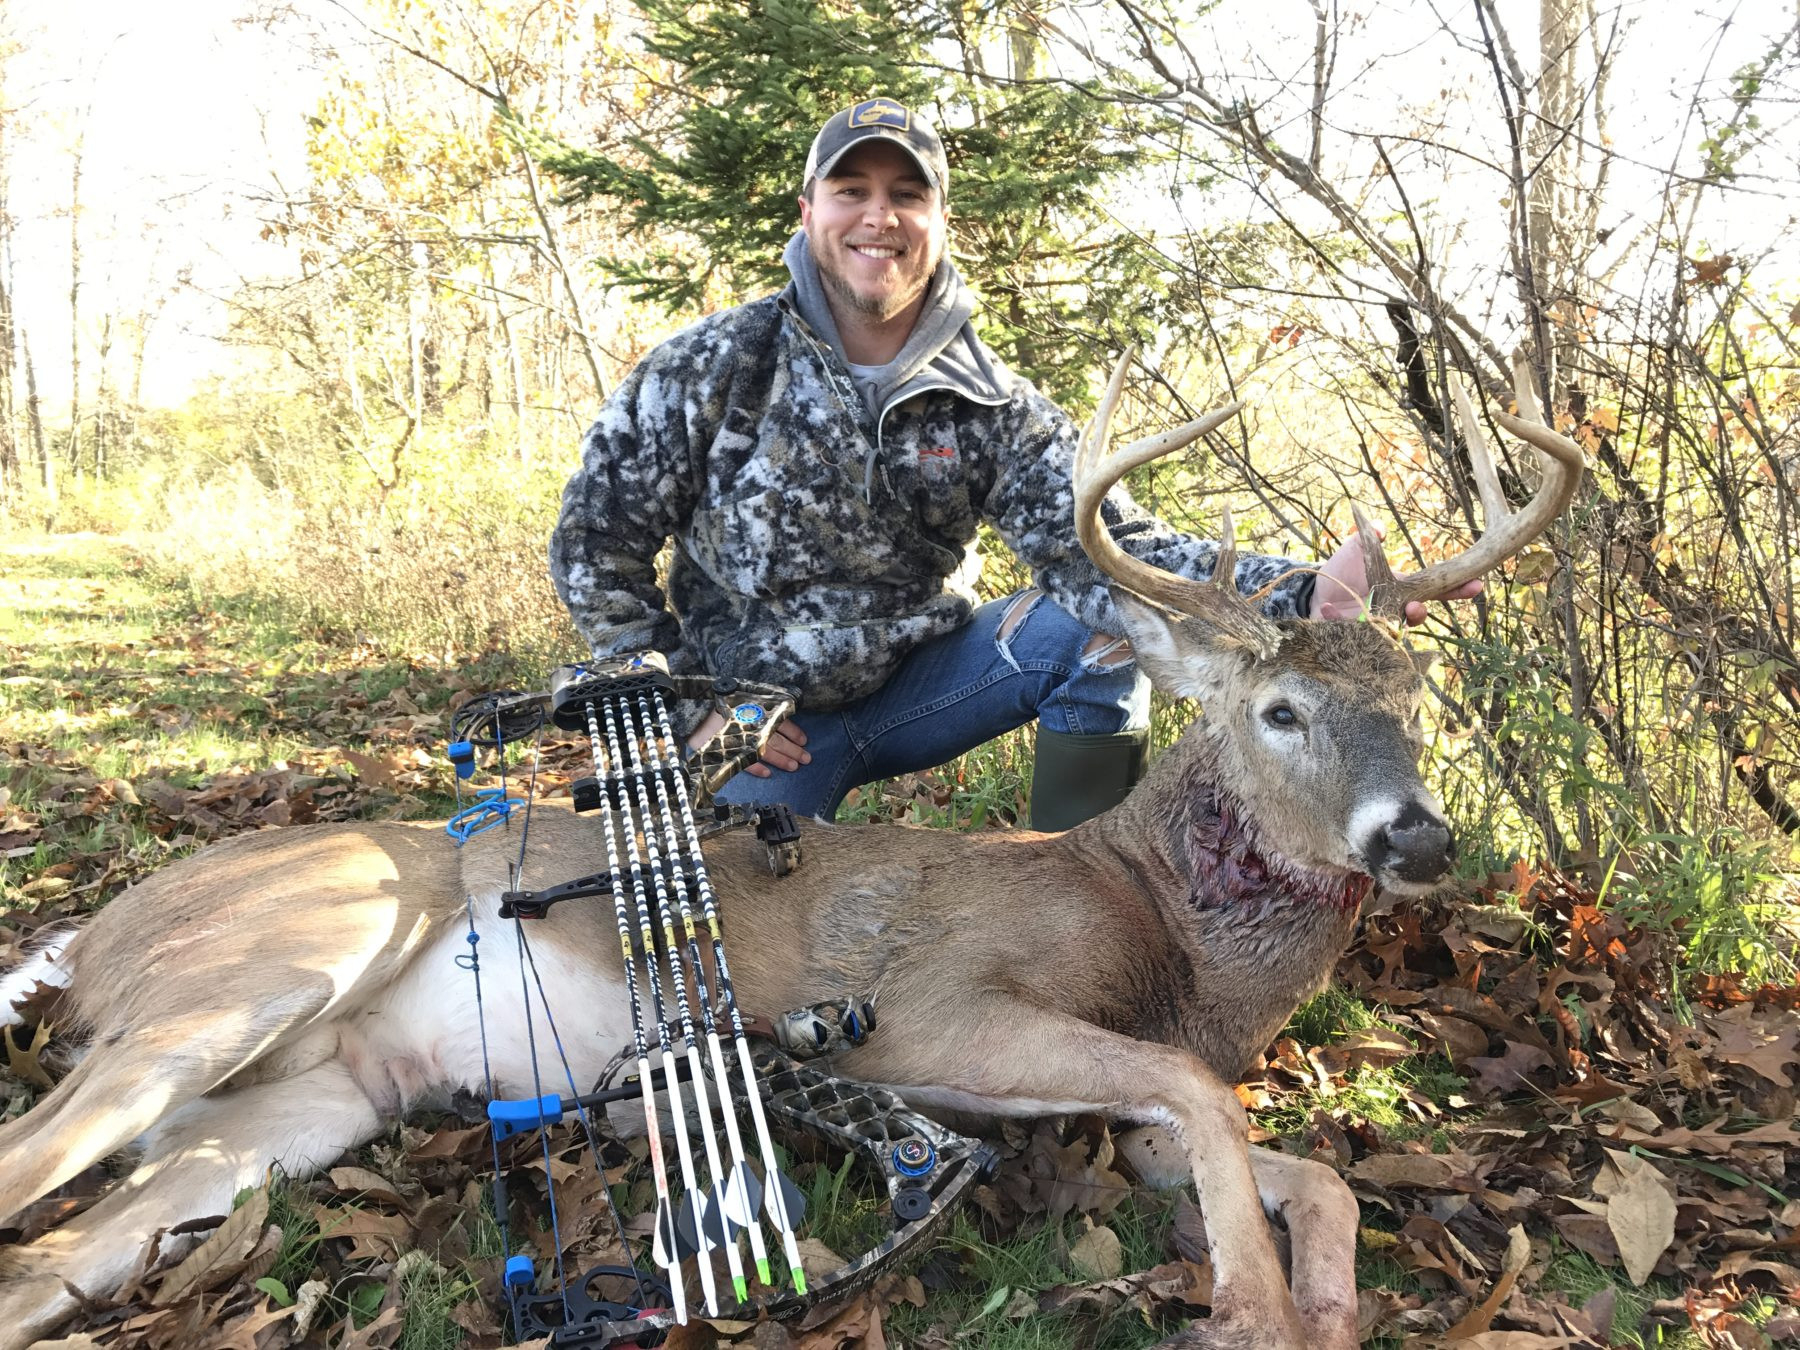 Huntining The Deer Rut In2021   Calendar Printables Free Blank  Louisiana Deer Rut Times